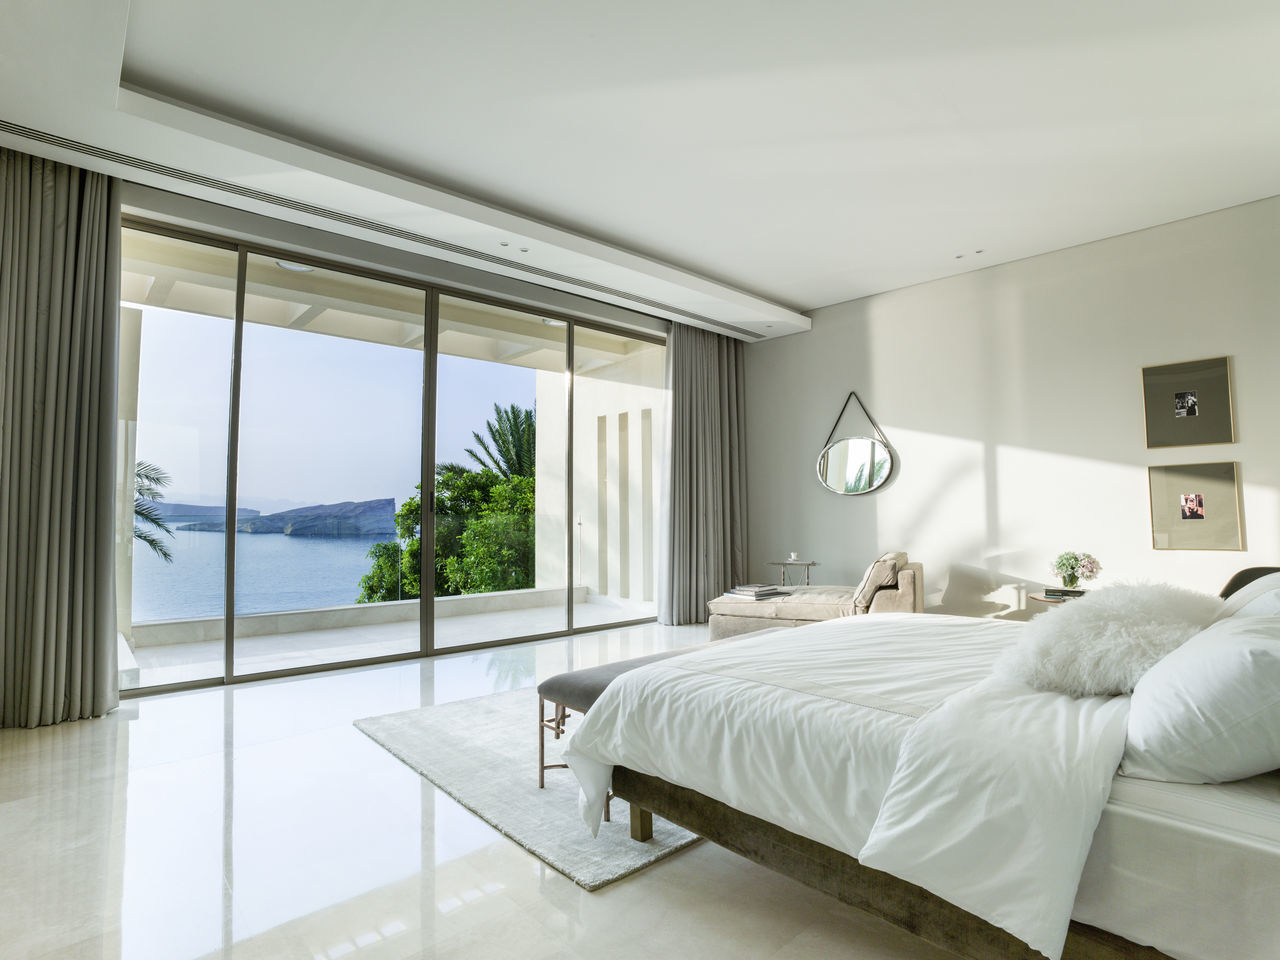 Beautiful stock photos of guten morgen, bedroom, bed, luxury, home interior